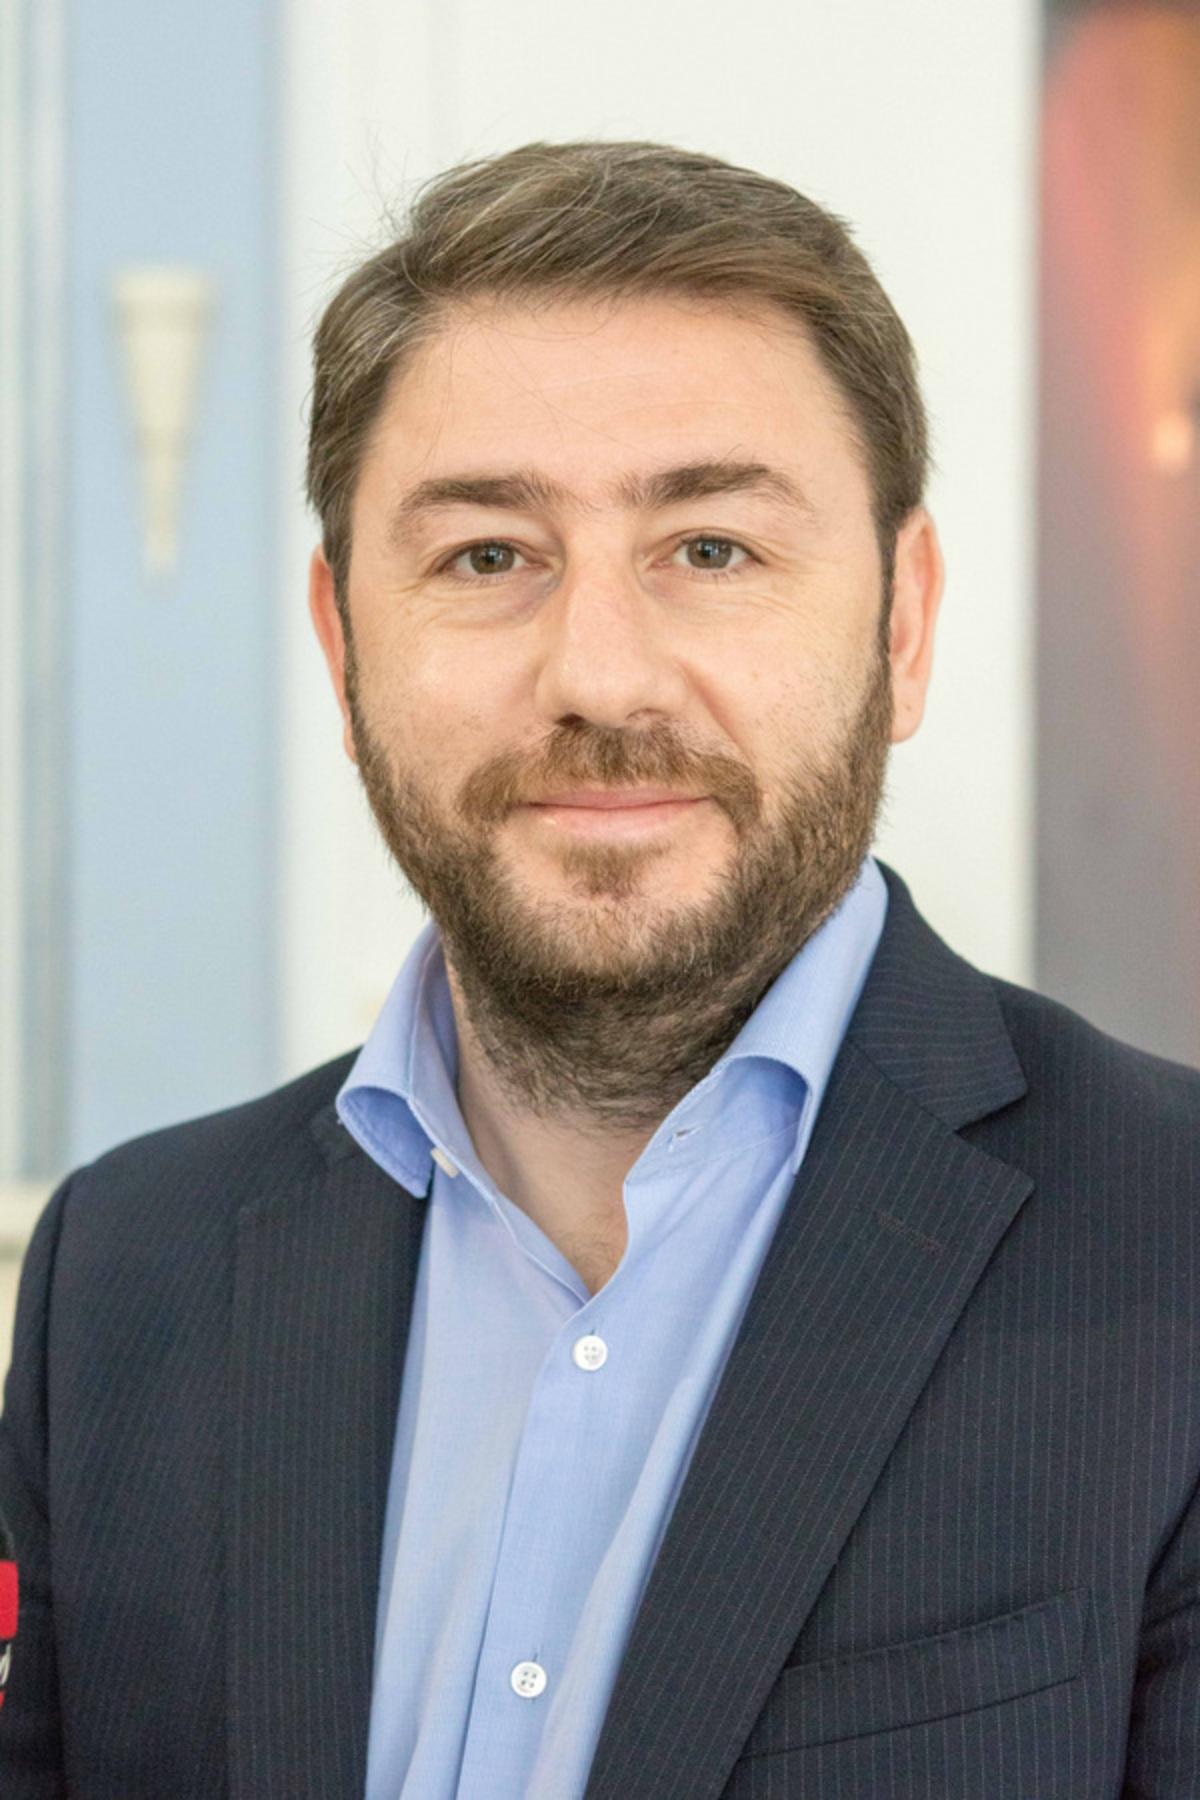 Κεντροαριστερά Γεννηματά Ανδρουλάκης